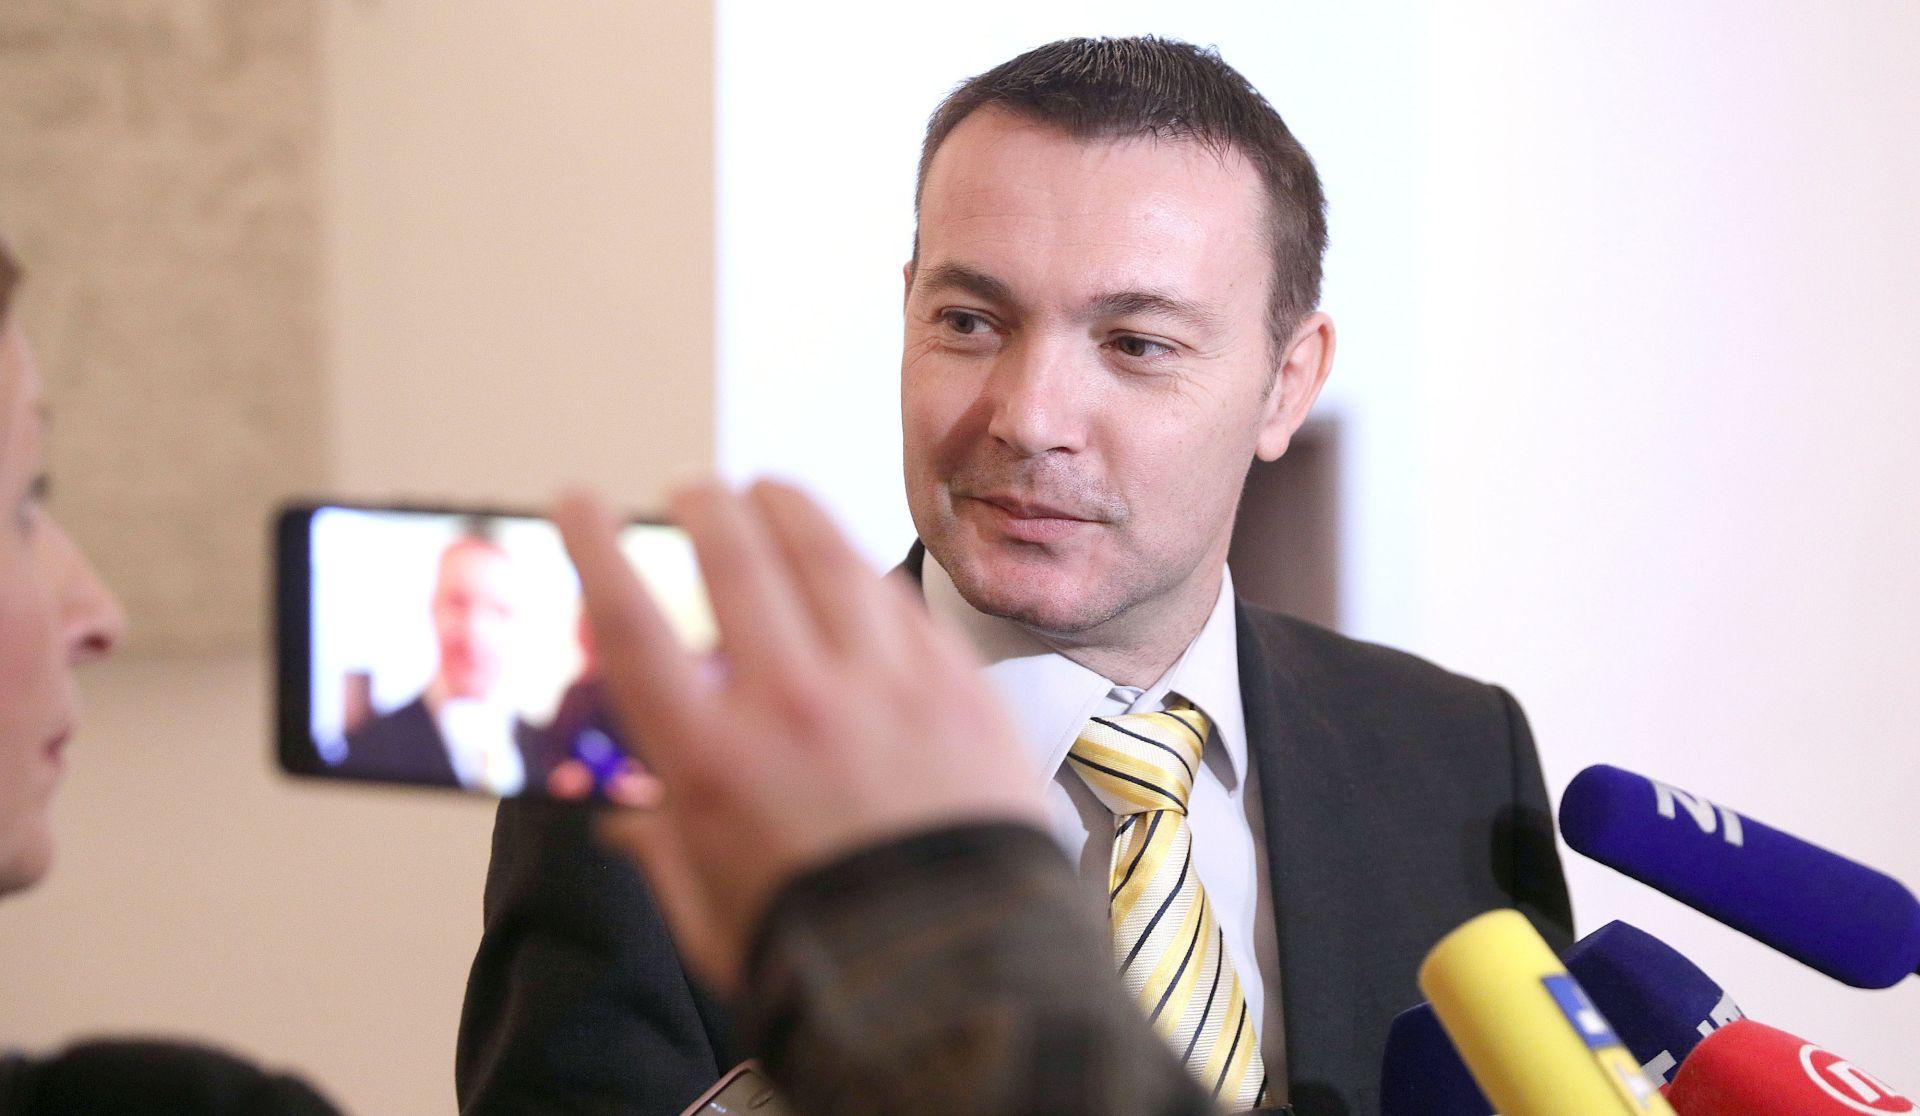 BAUK 'Ja sam platio Milanovićevu članarinu u SDP-u'